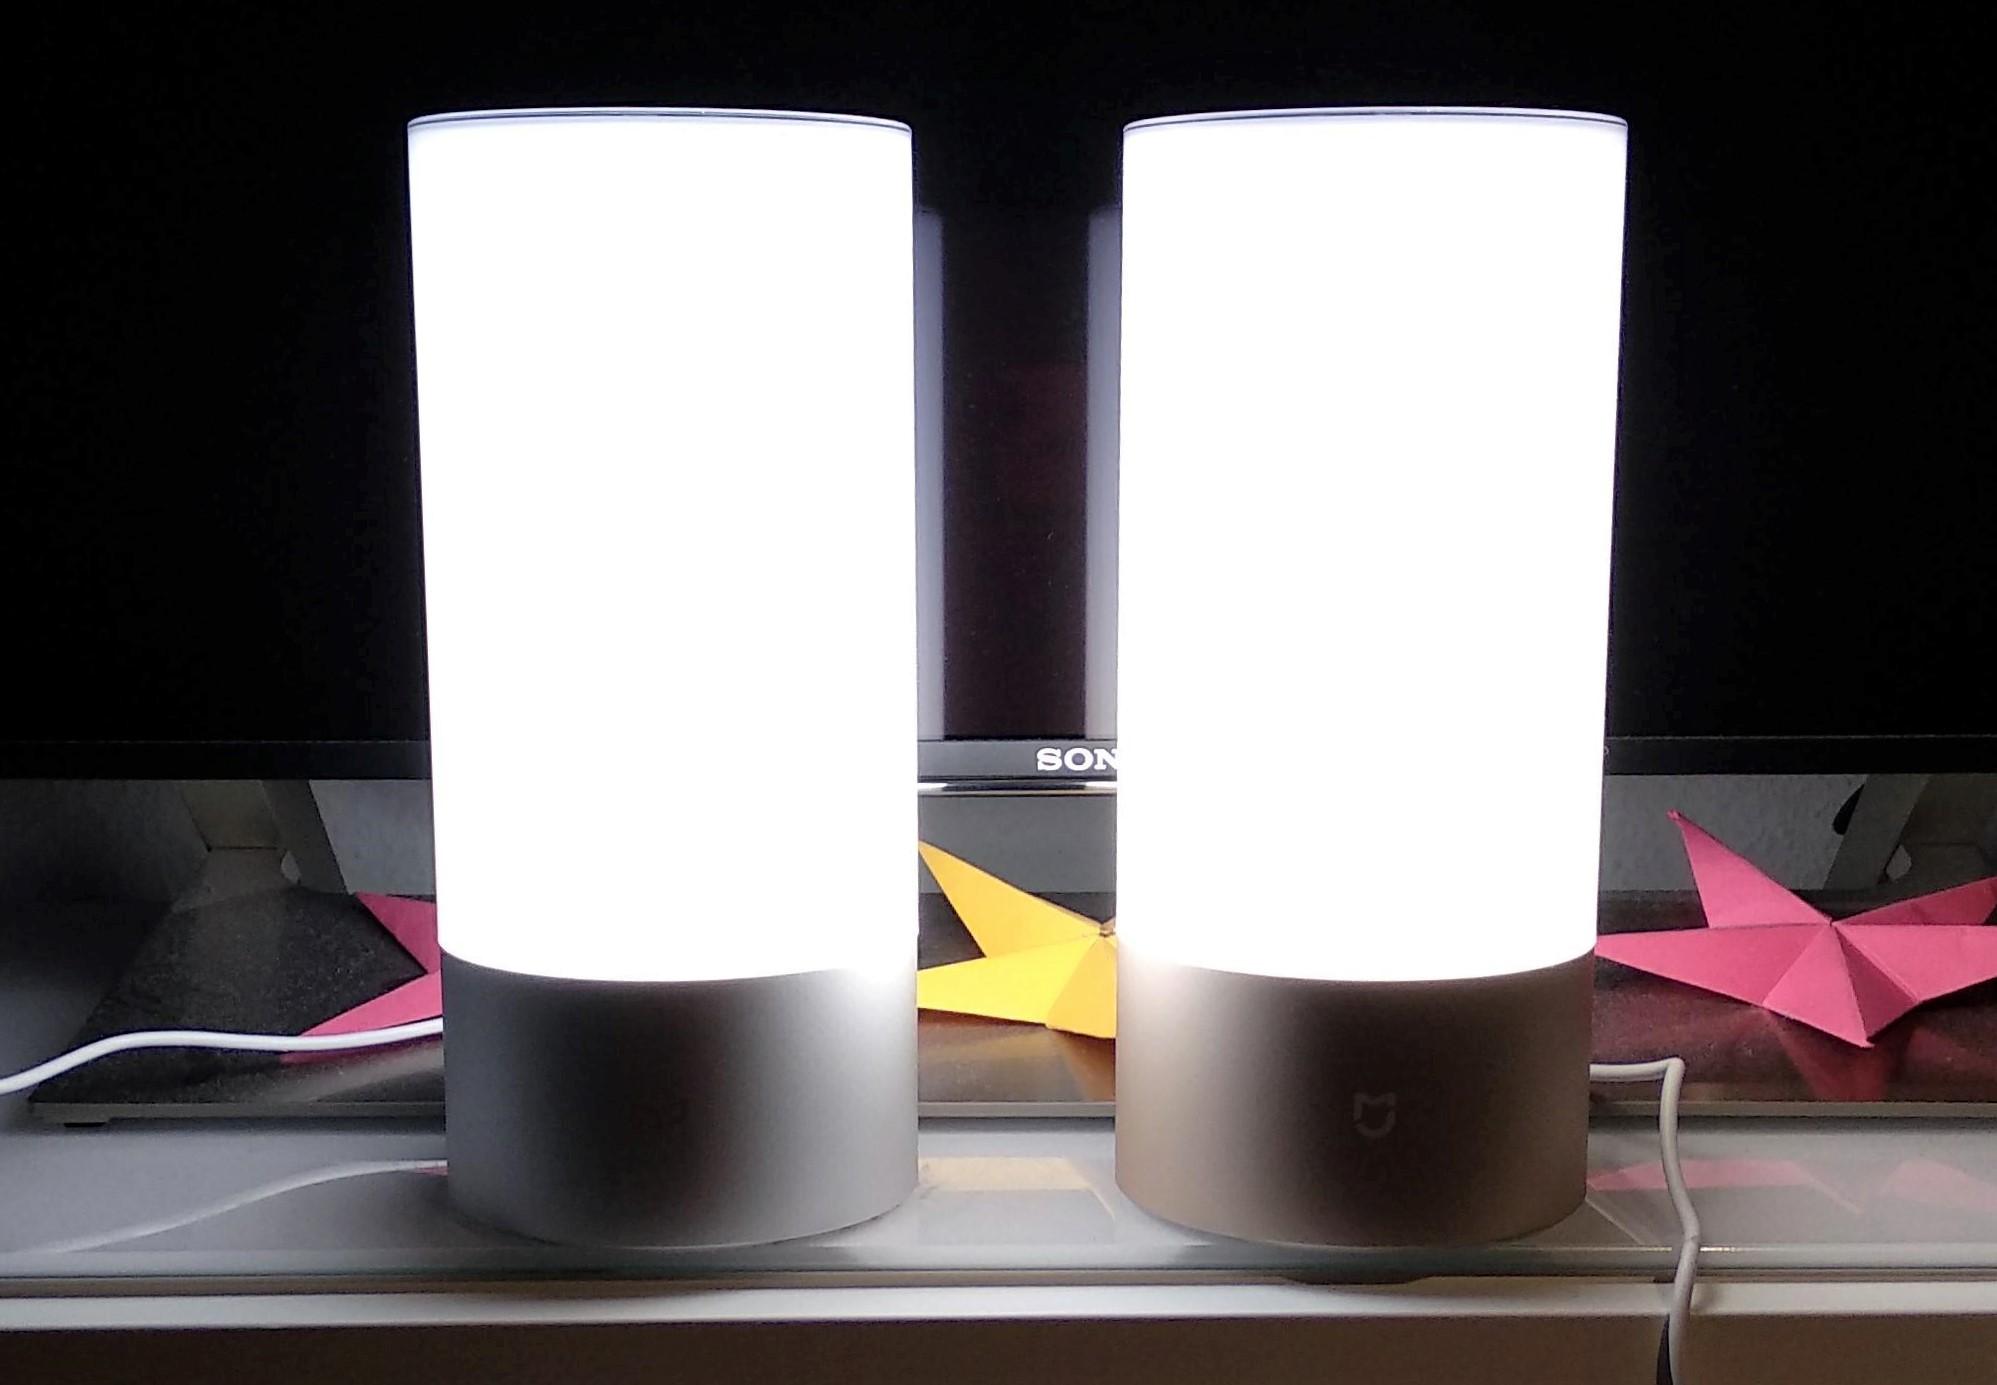 xiaomi yeelight nachttischlampe 2 wlan im test f r 41 03. Black Bedroom Furniture Sets. Home Design Ideas